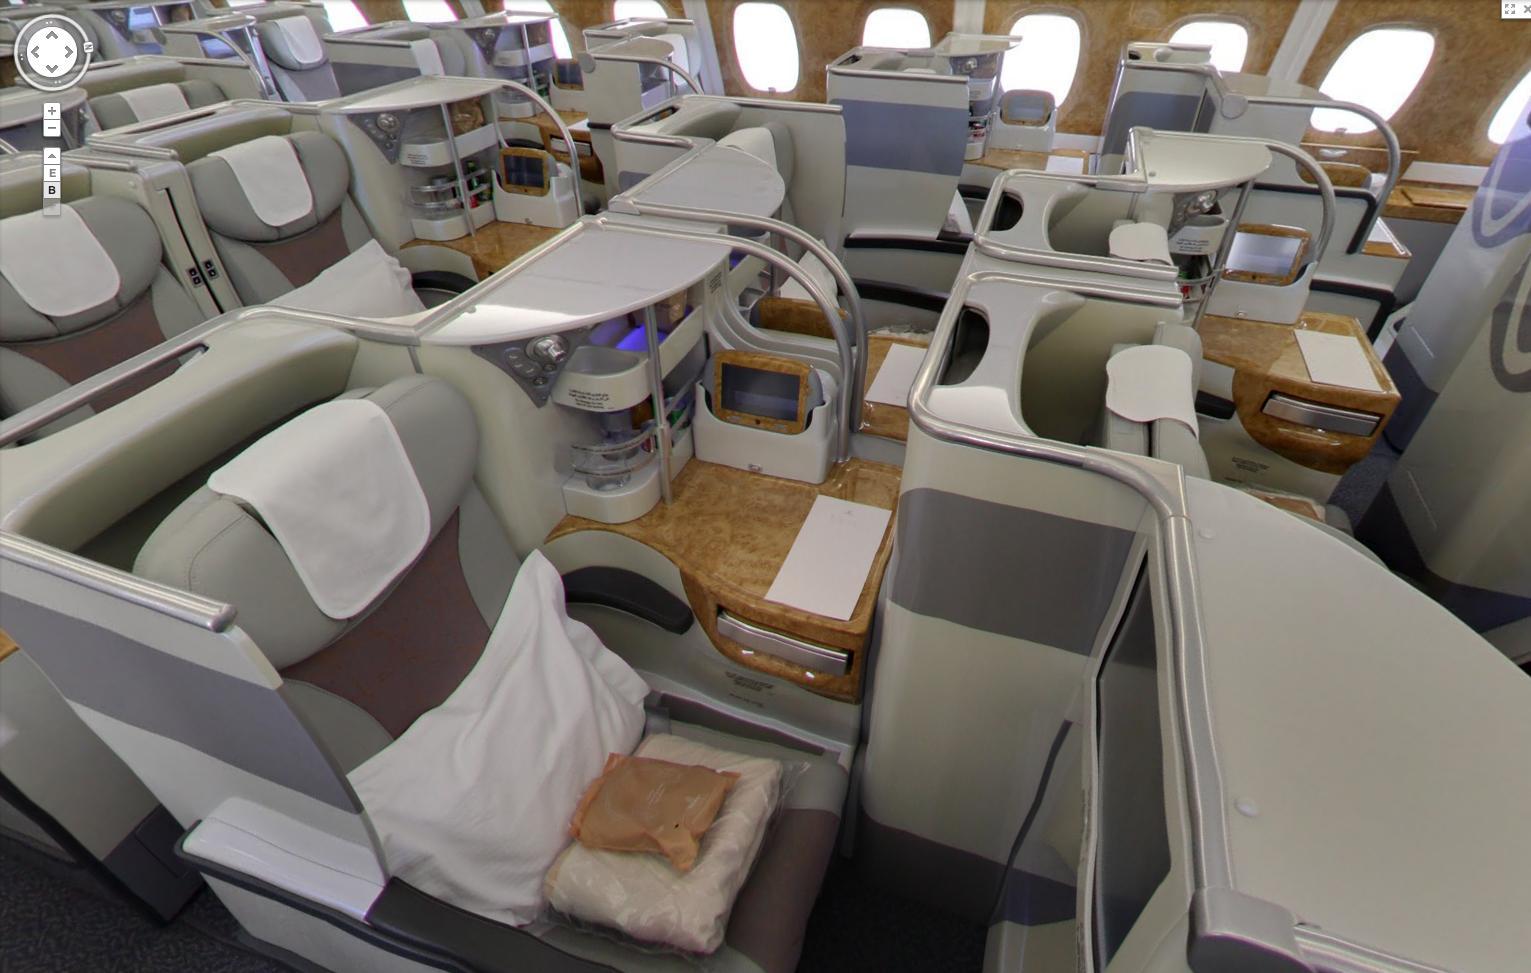 حيلة لطيران الإمارات للتخفيف من ضرر منع حمل الأجهزة الالكترونية